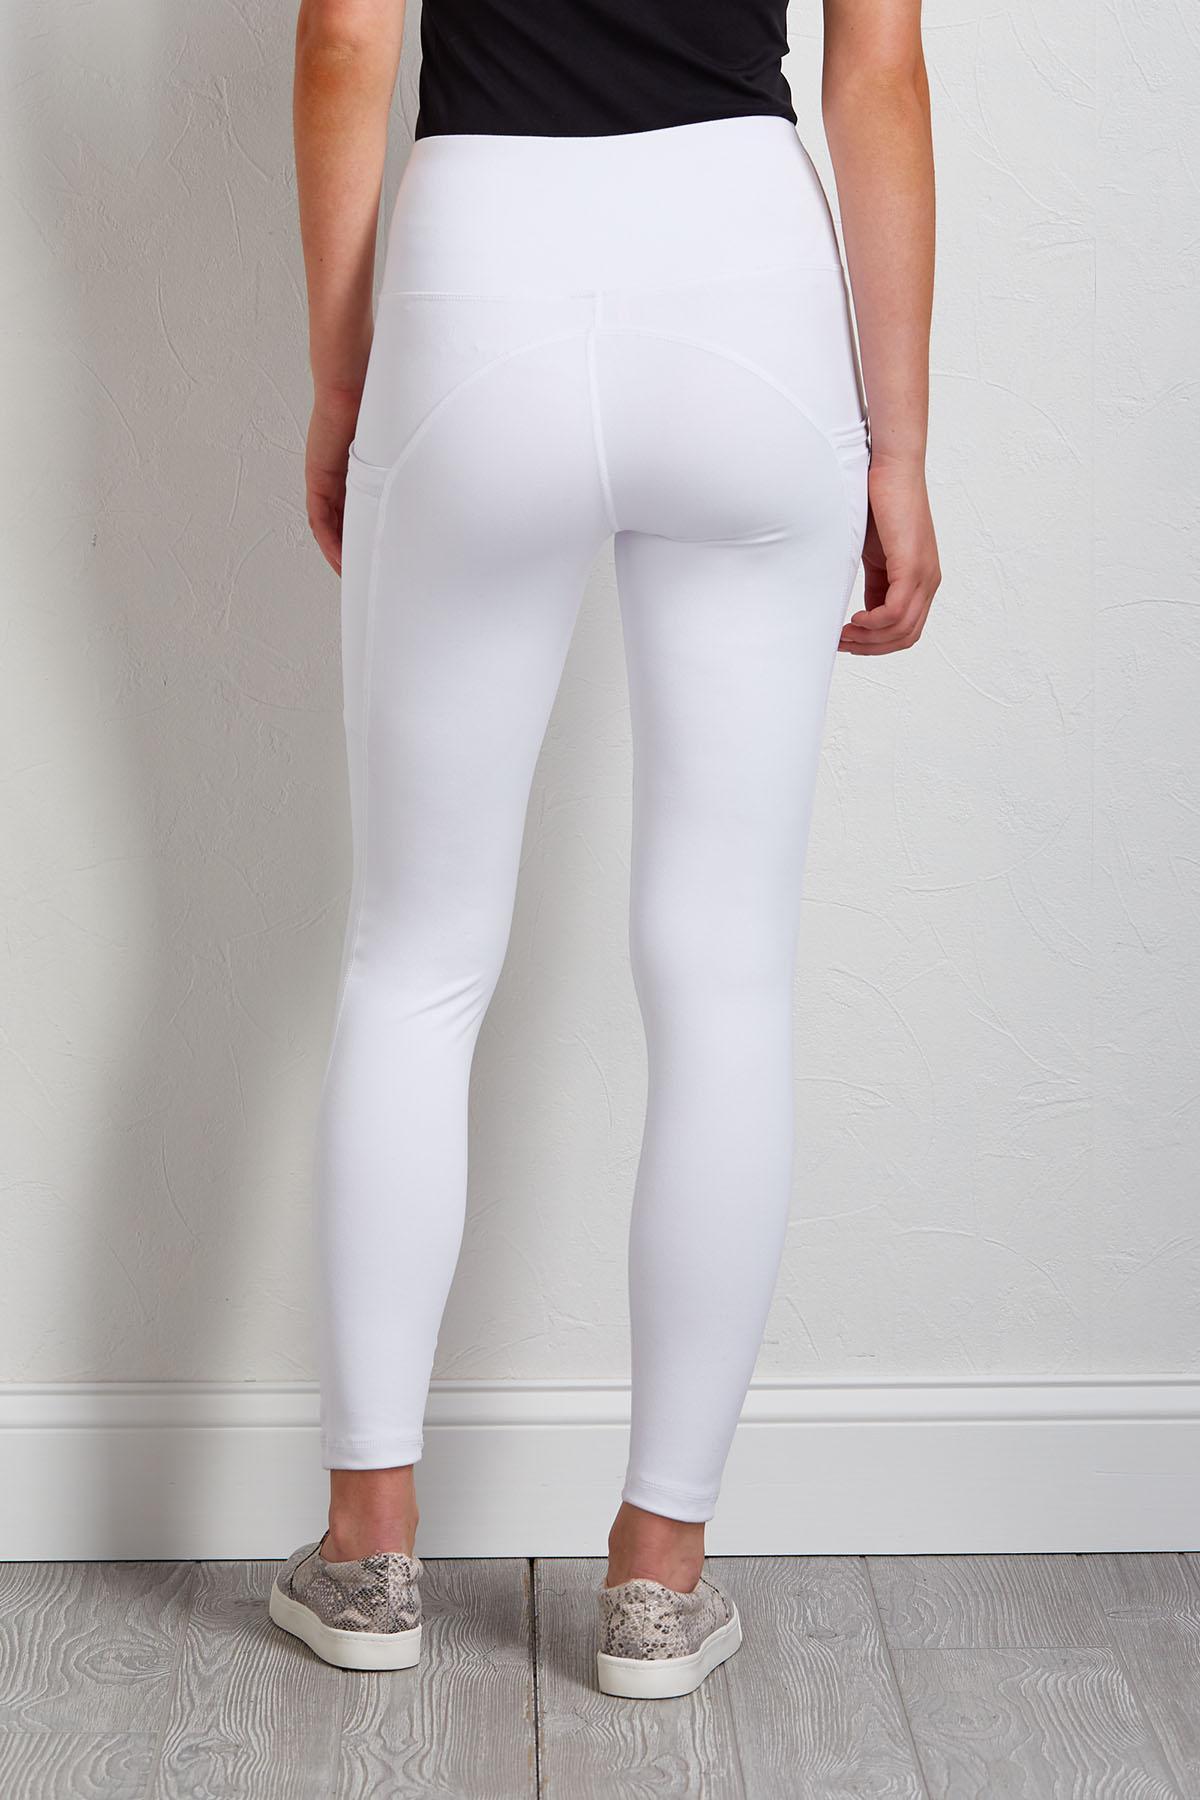 White Side Pocket Leggings